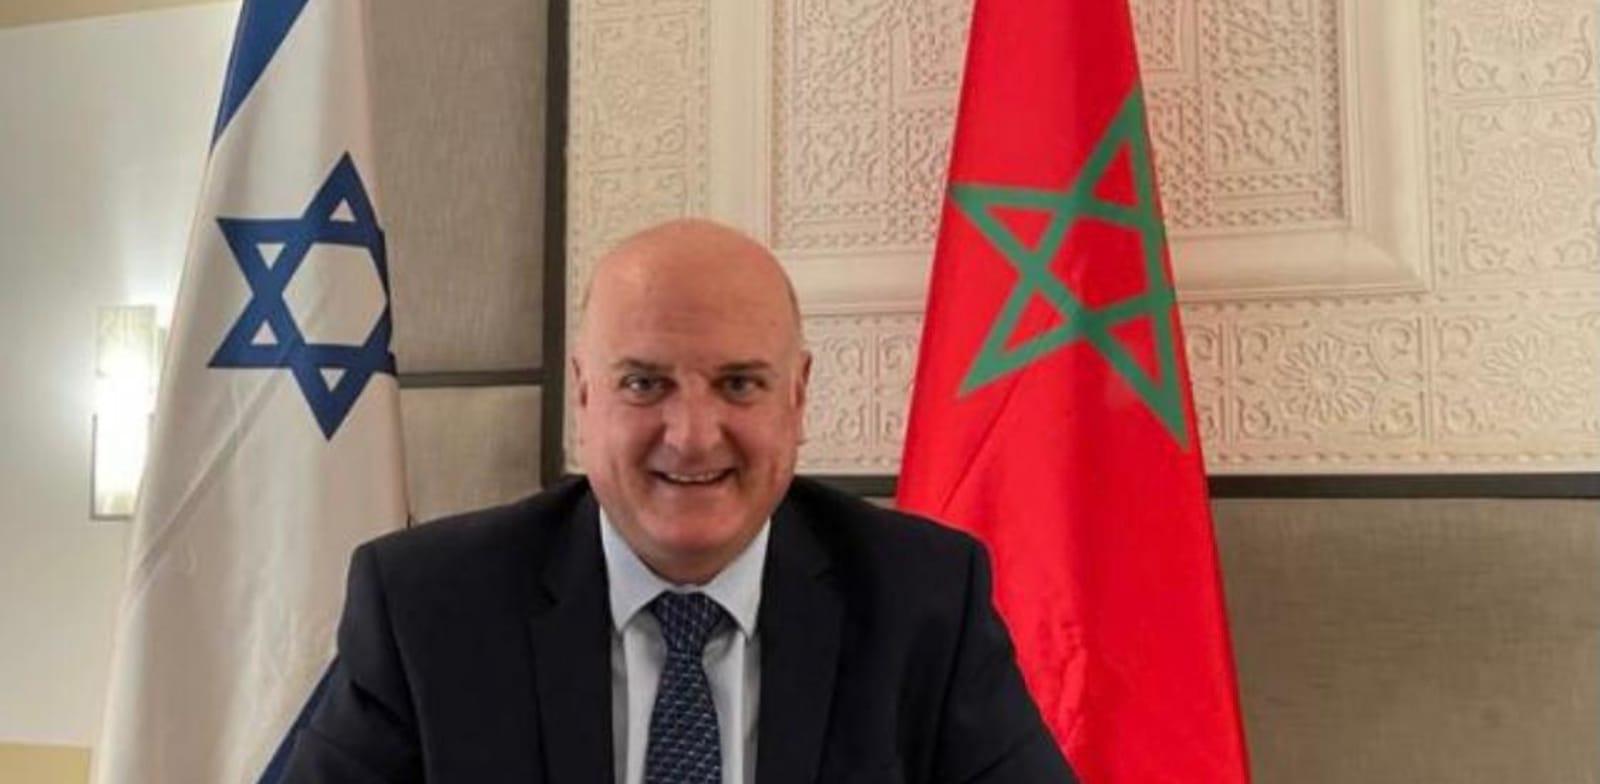 השגריר במרוקו דוד גוברין / צילום: משרד החוץ